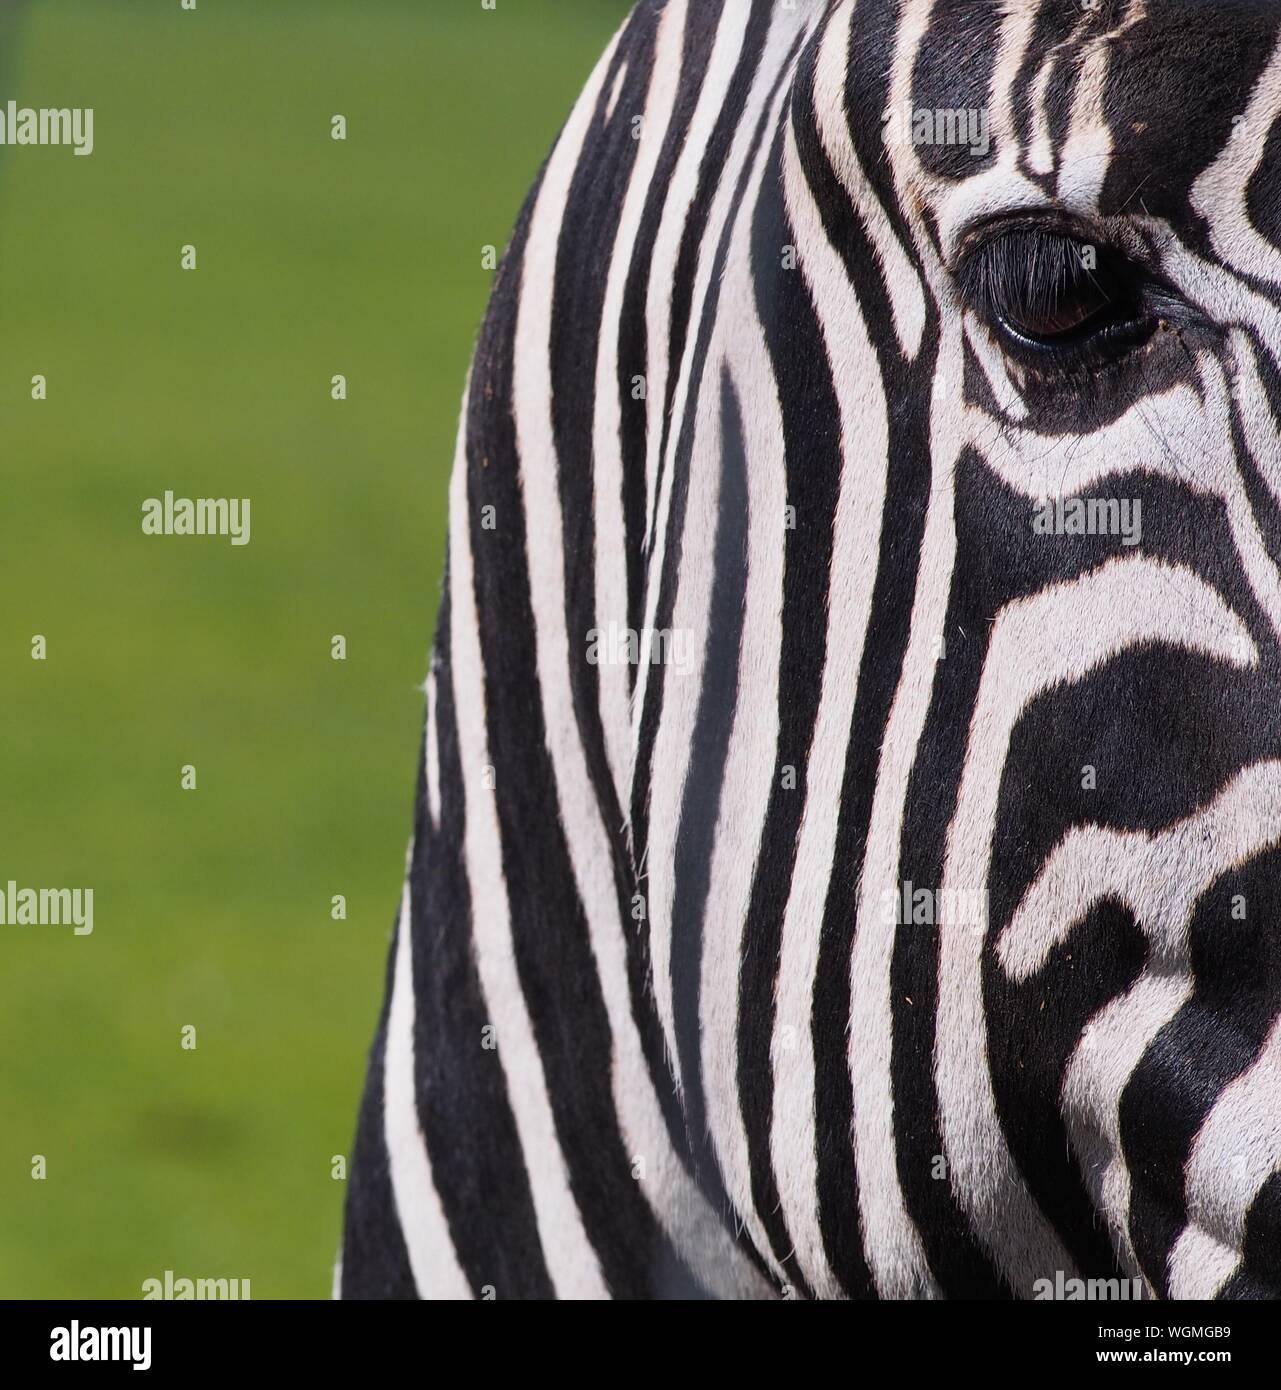 Speed Dating Zebra w Augsburgu Lesbijska aplikacja randkowa Sydney